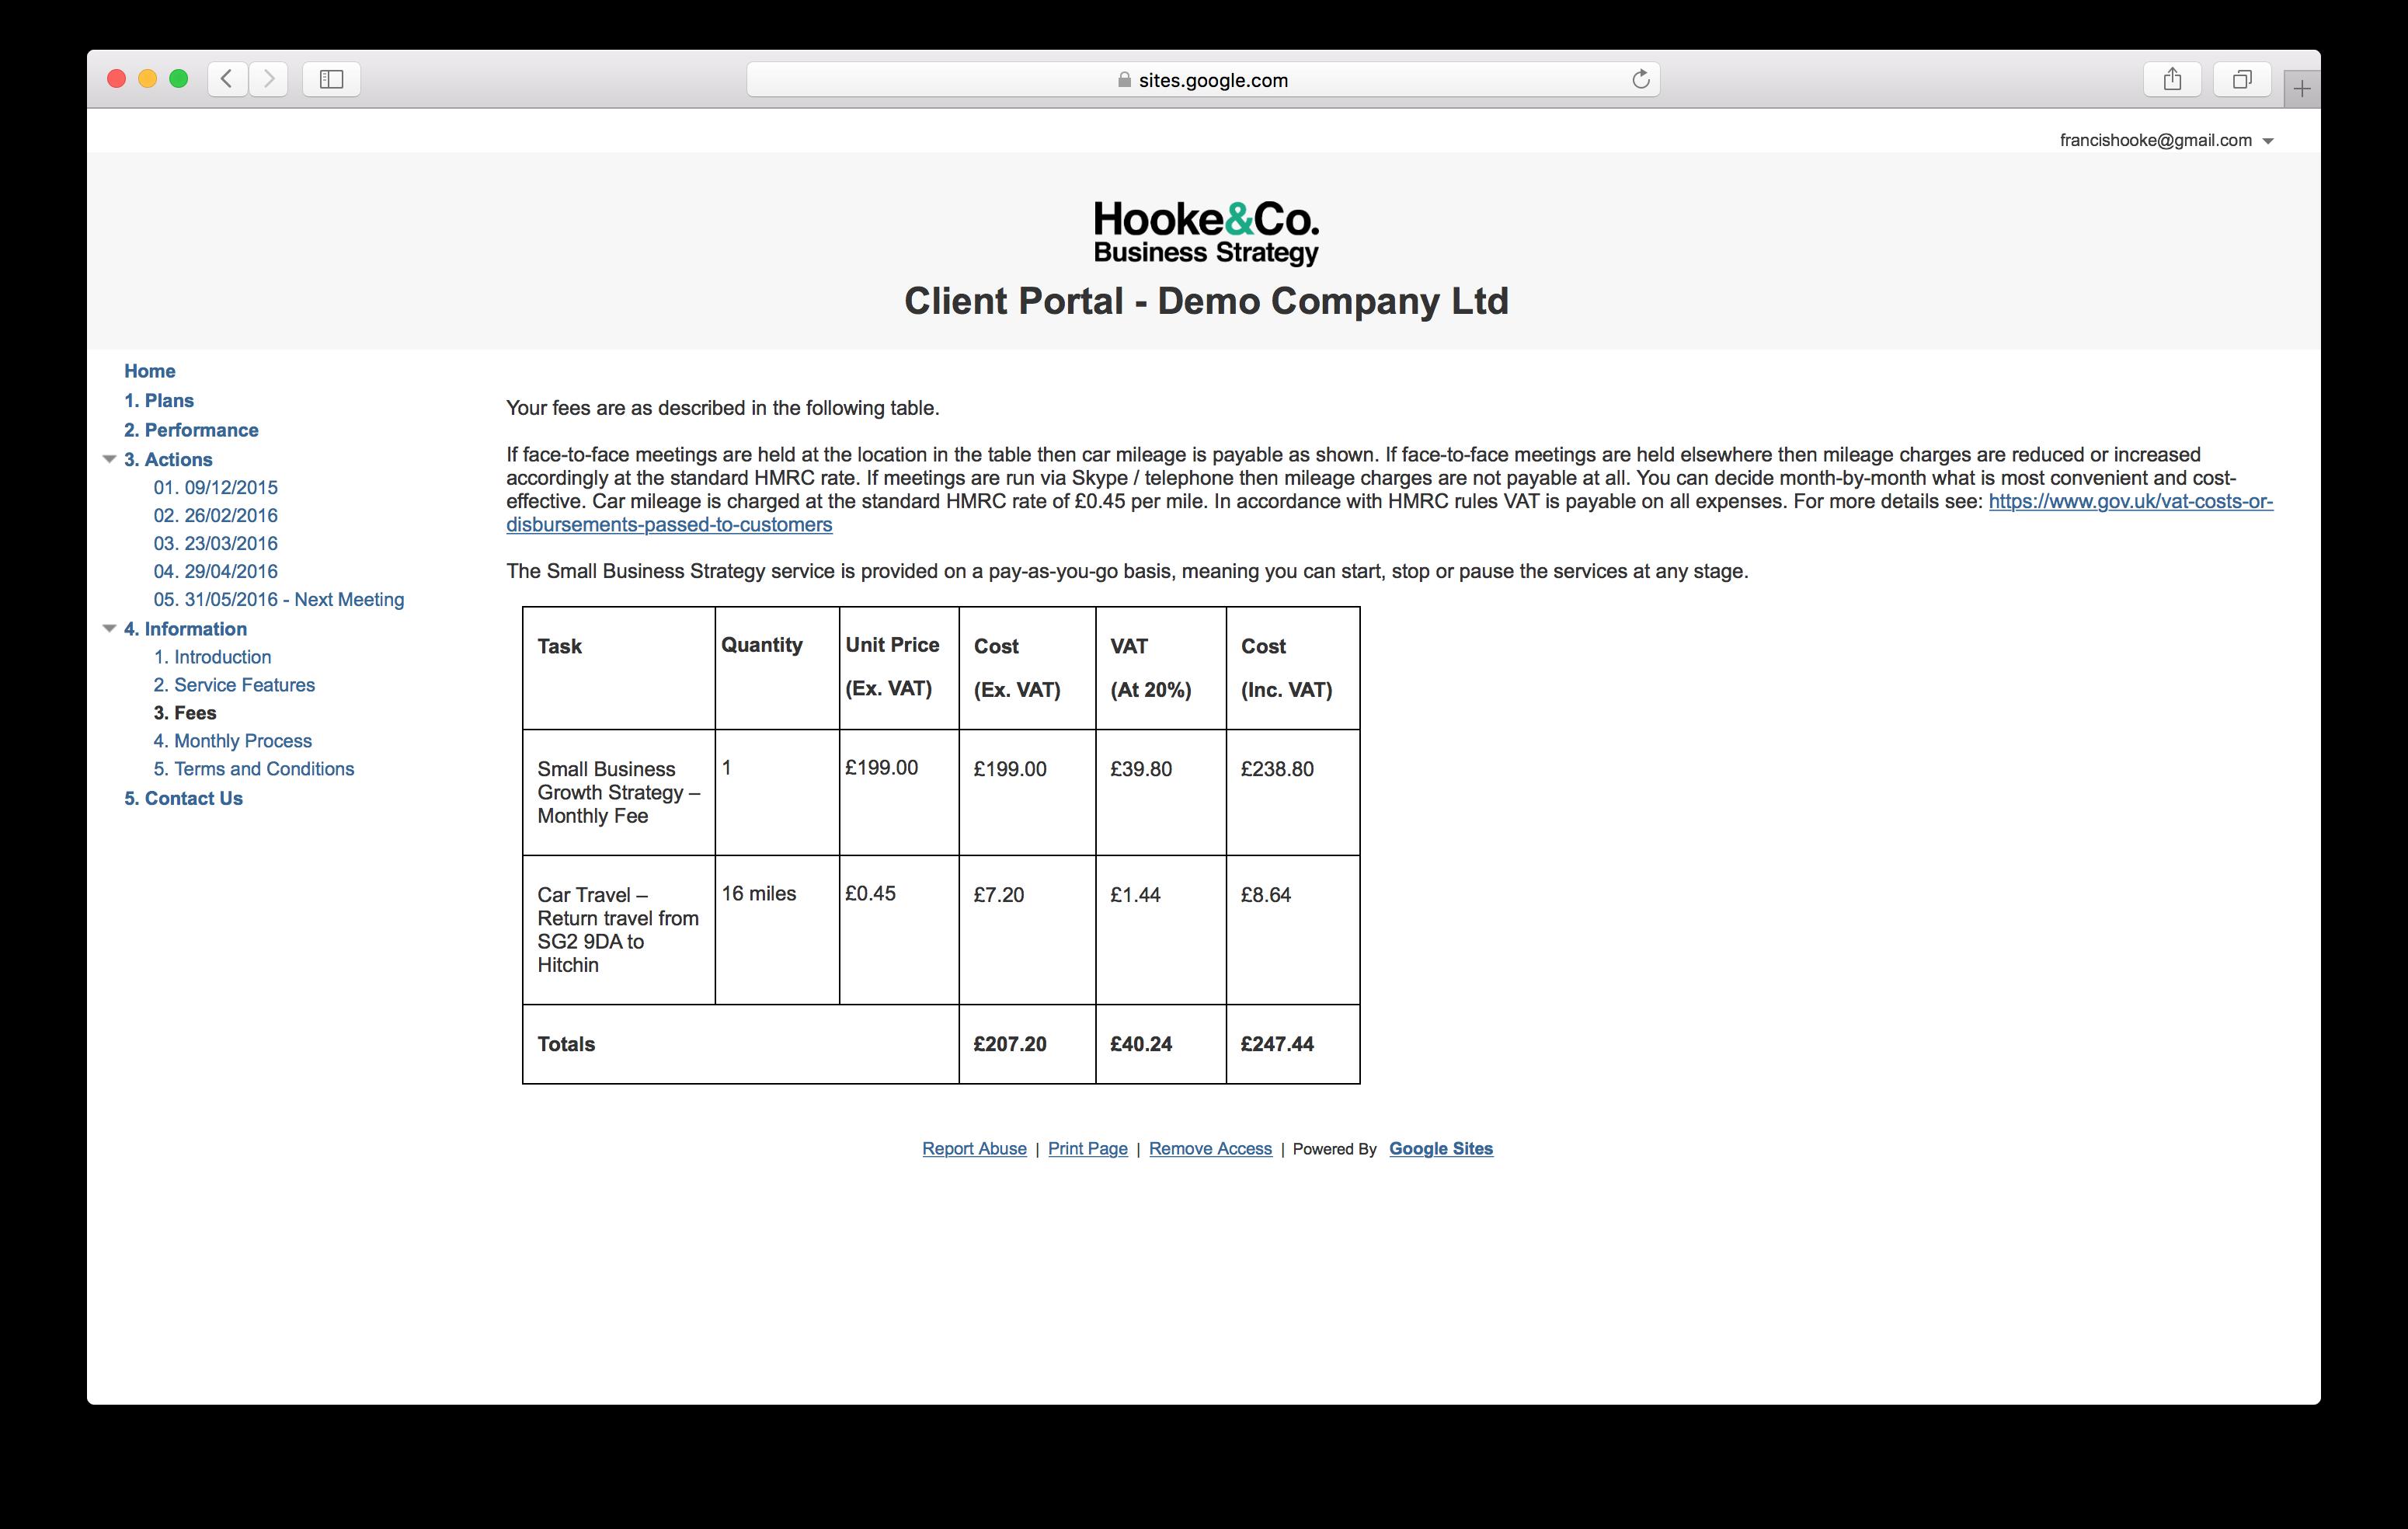 Client Portal - Information